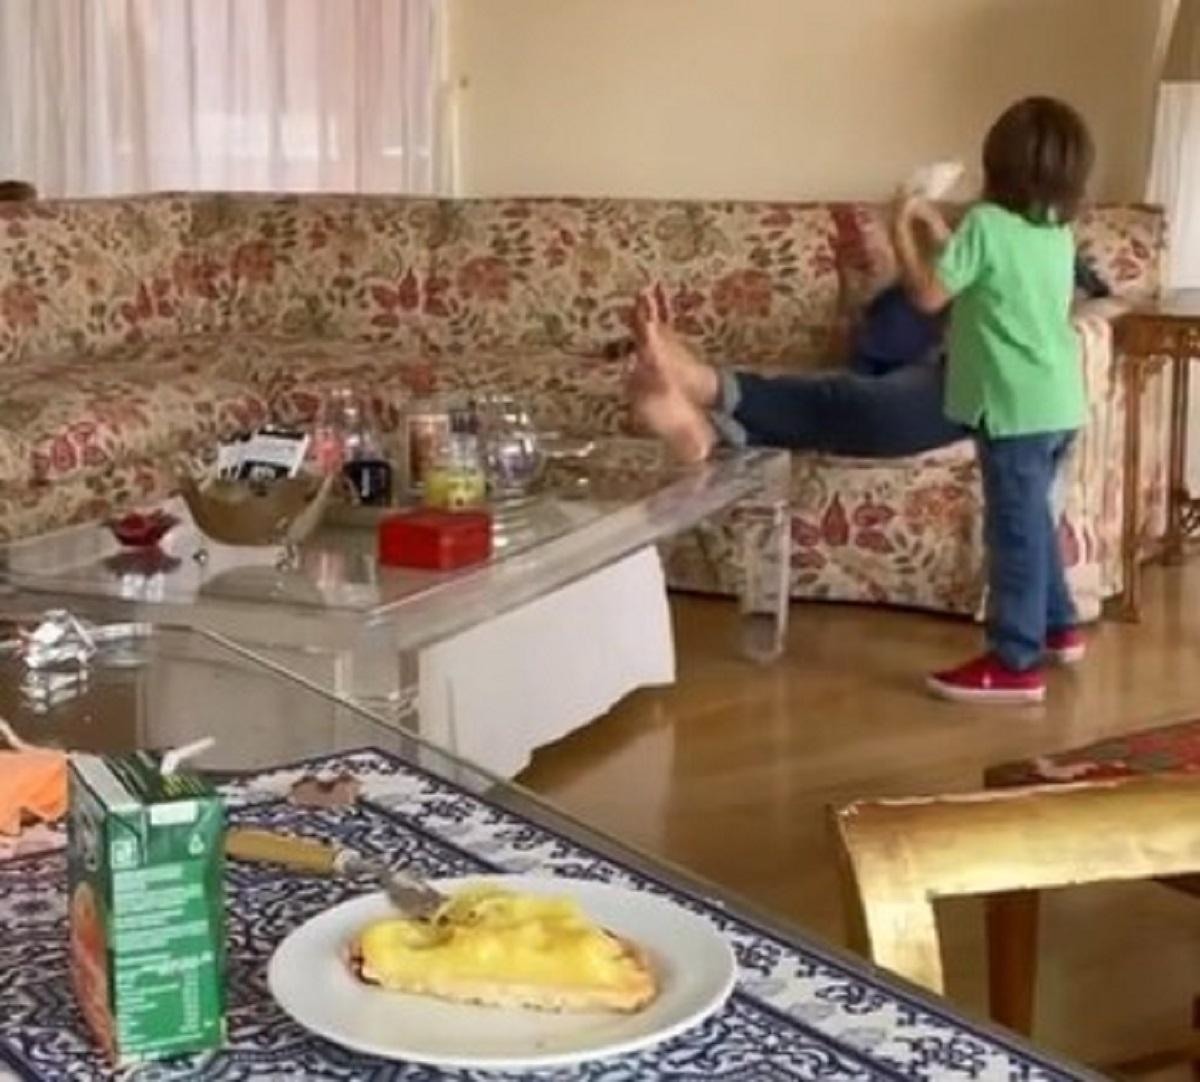 Mara Venier festa nonni video nipote claudietto